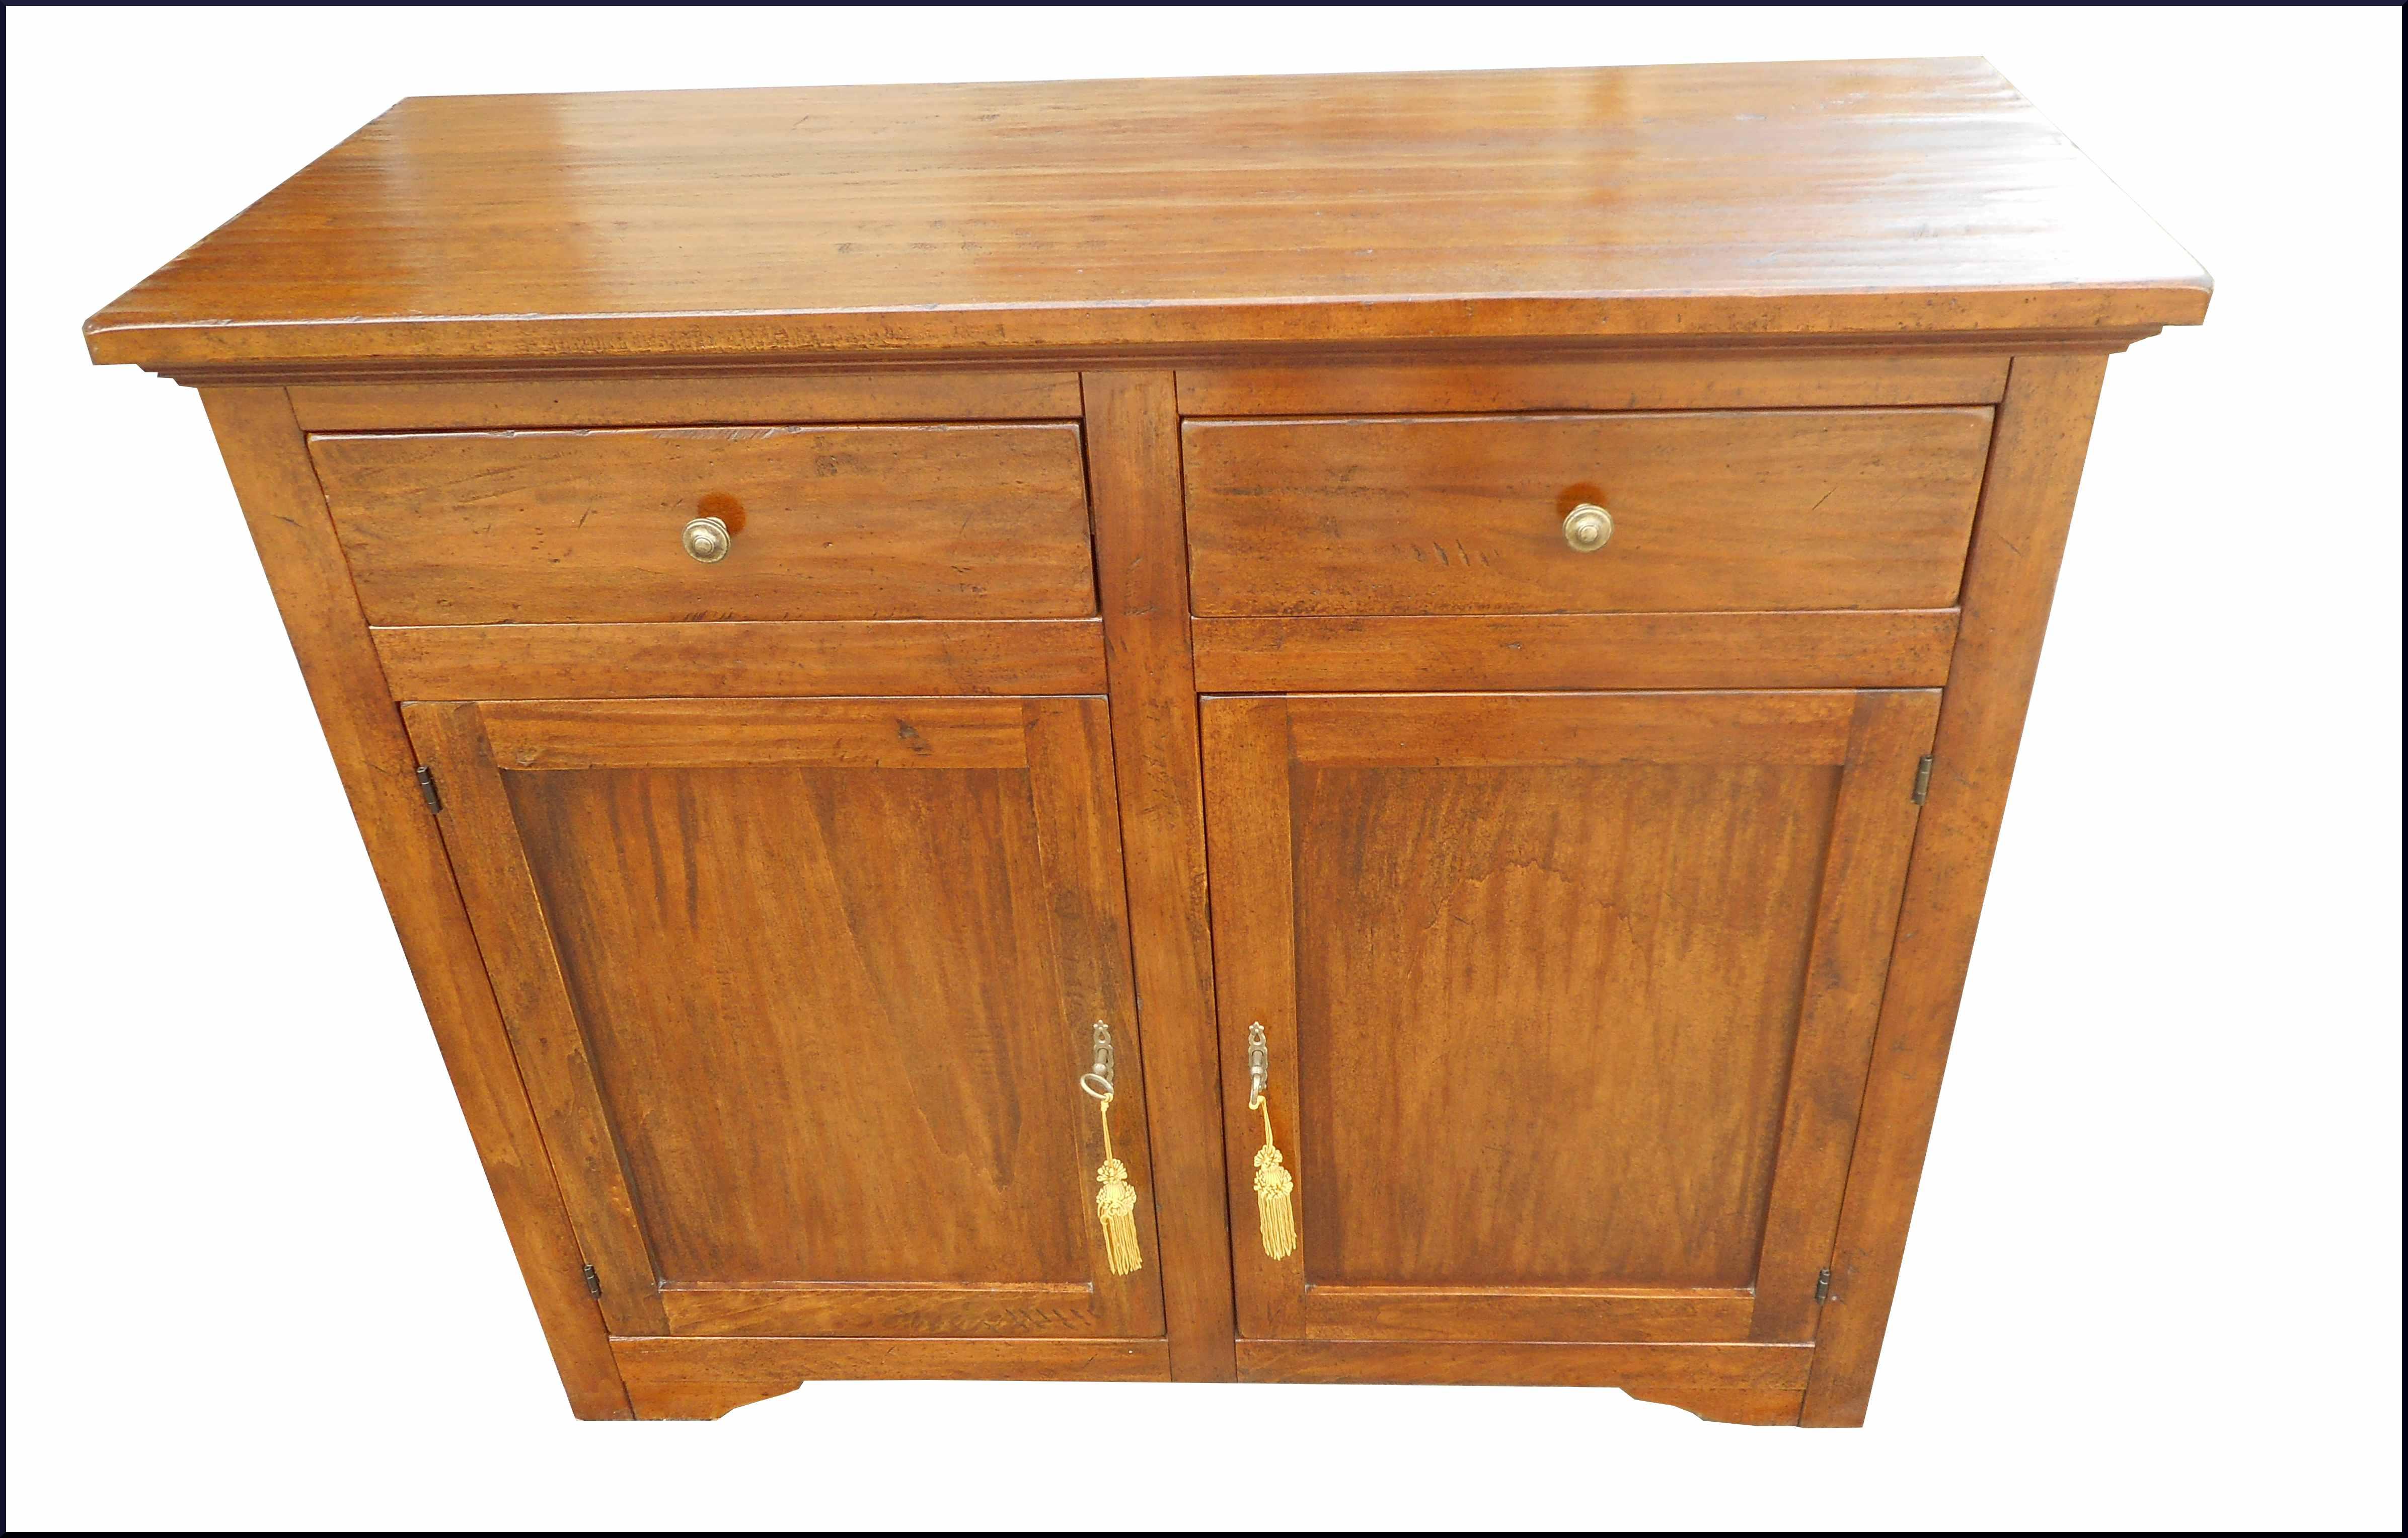 Madia in legno massello arte povera 2 porte la commode di davide corno - Catalogo mobili arte povera ...